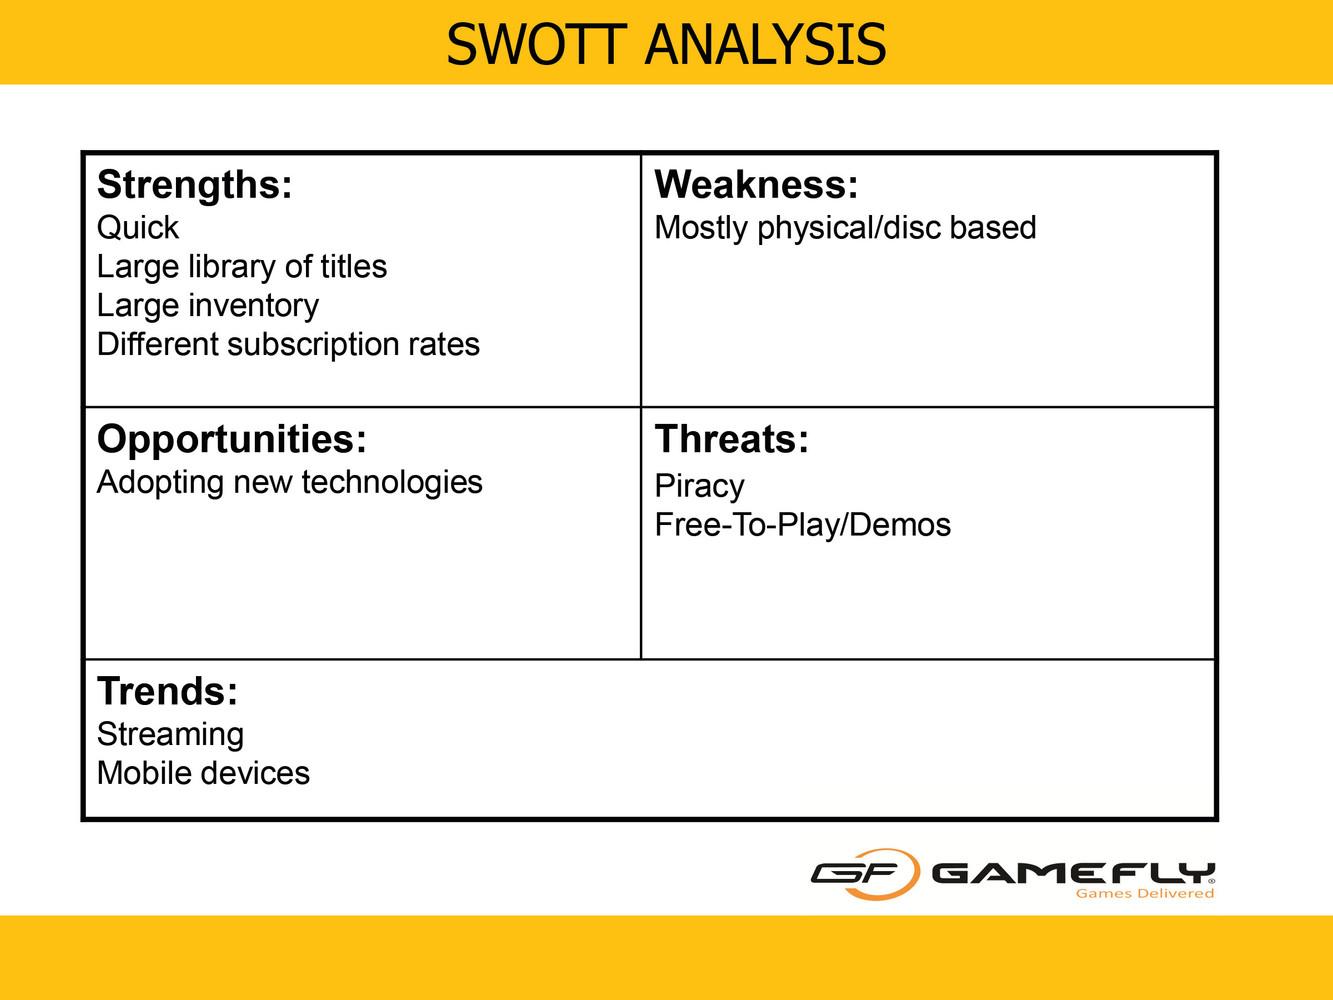 SWOTT Analysis